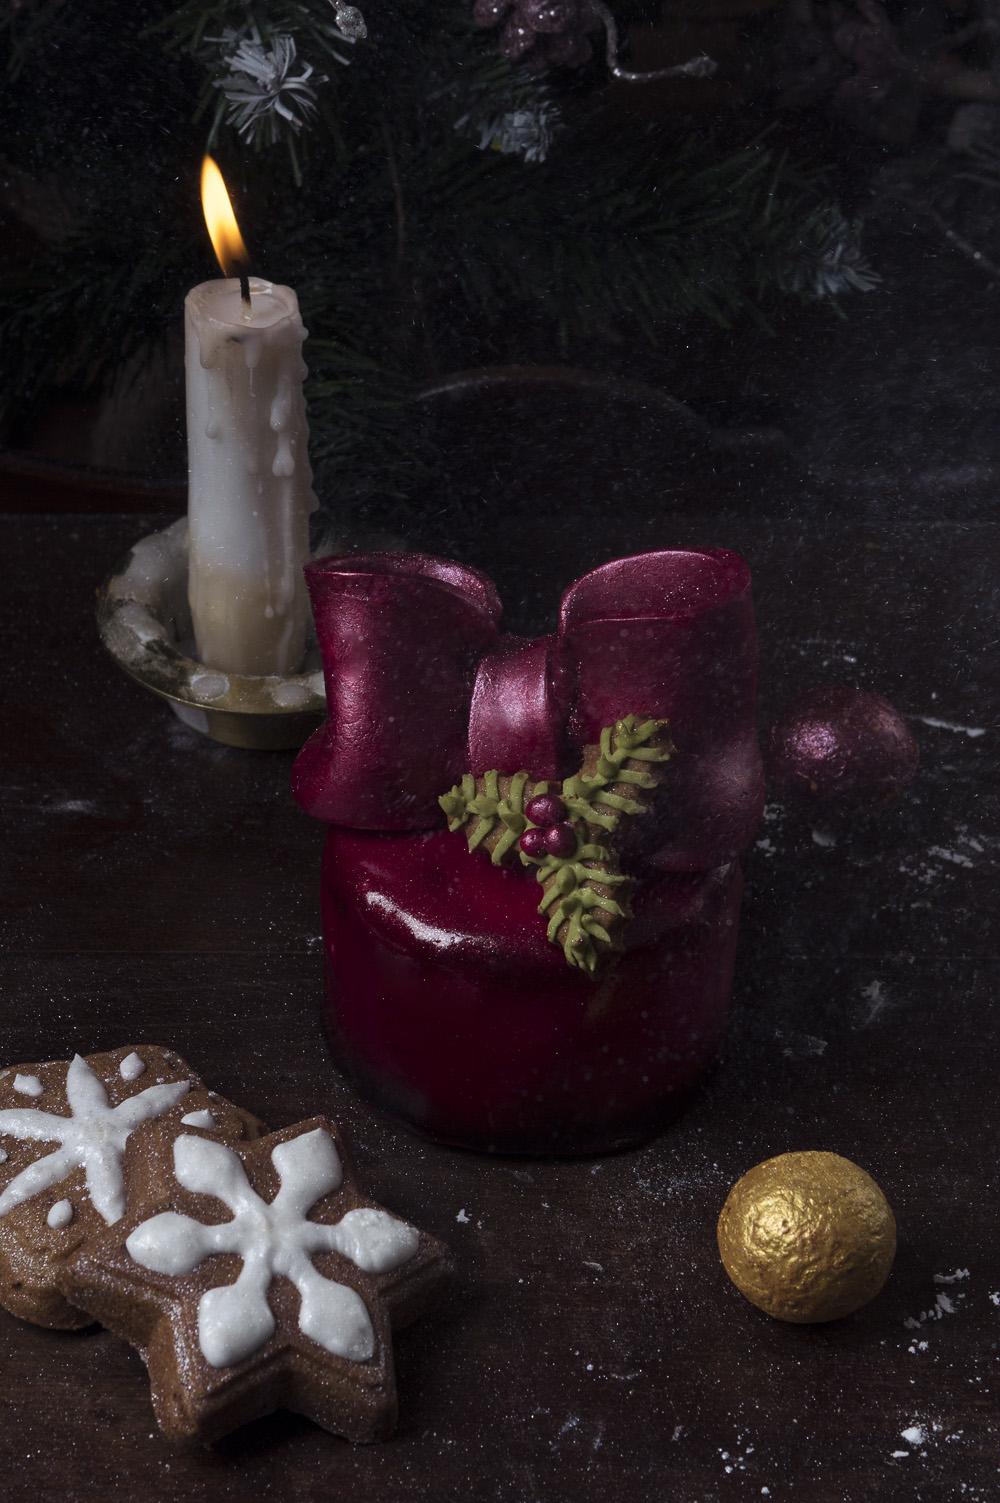 pinata-cake-le-gateau-cadeau-qui-a-vole-les-tartes-pour-feerie-cake-studio-de-creation-3